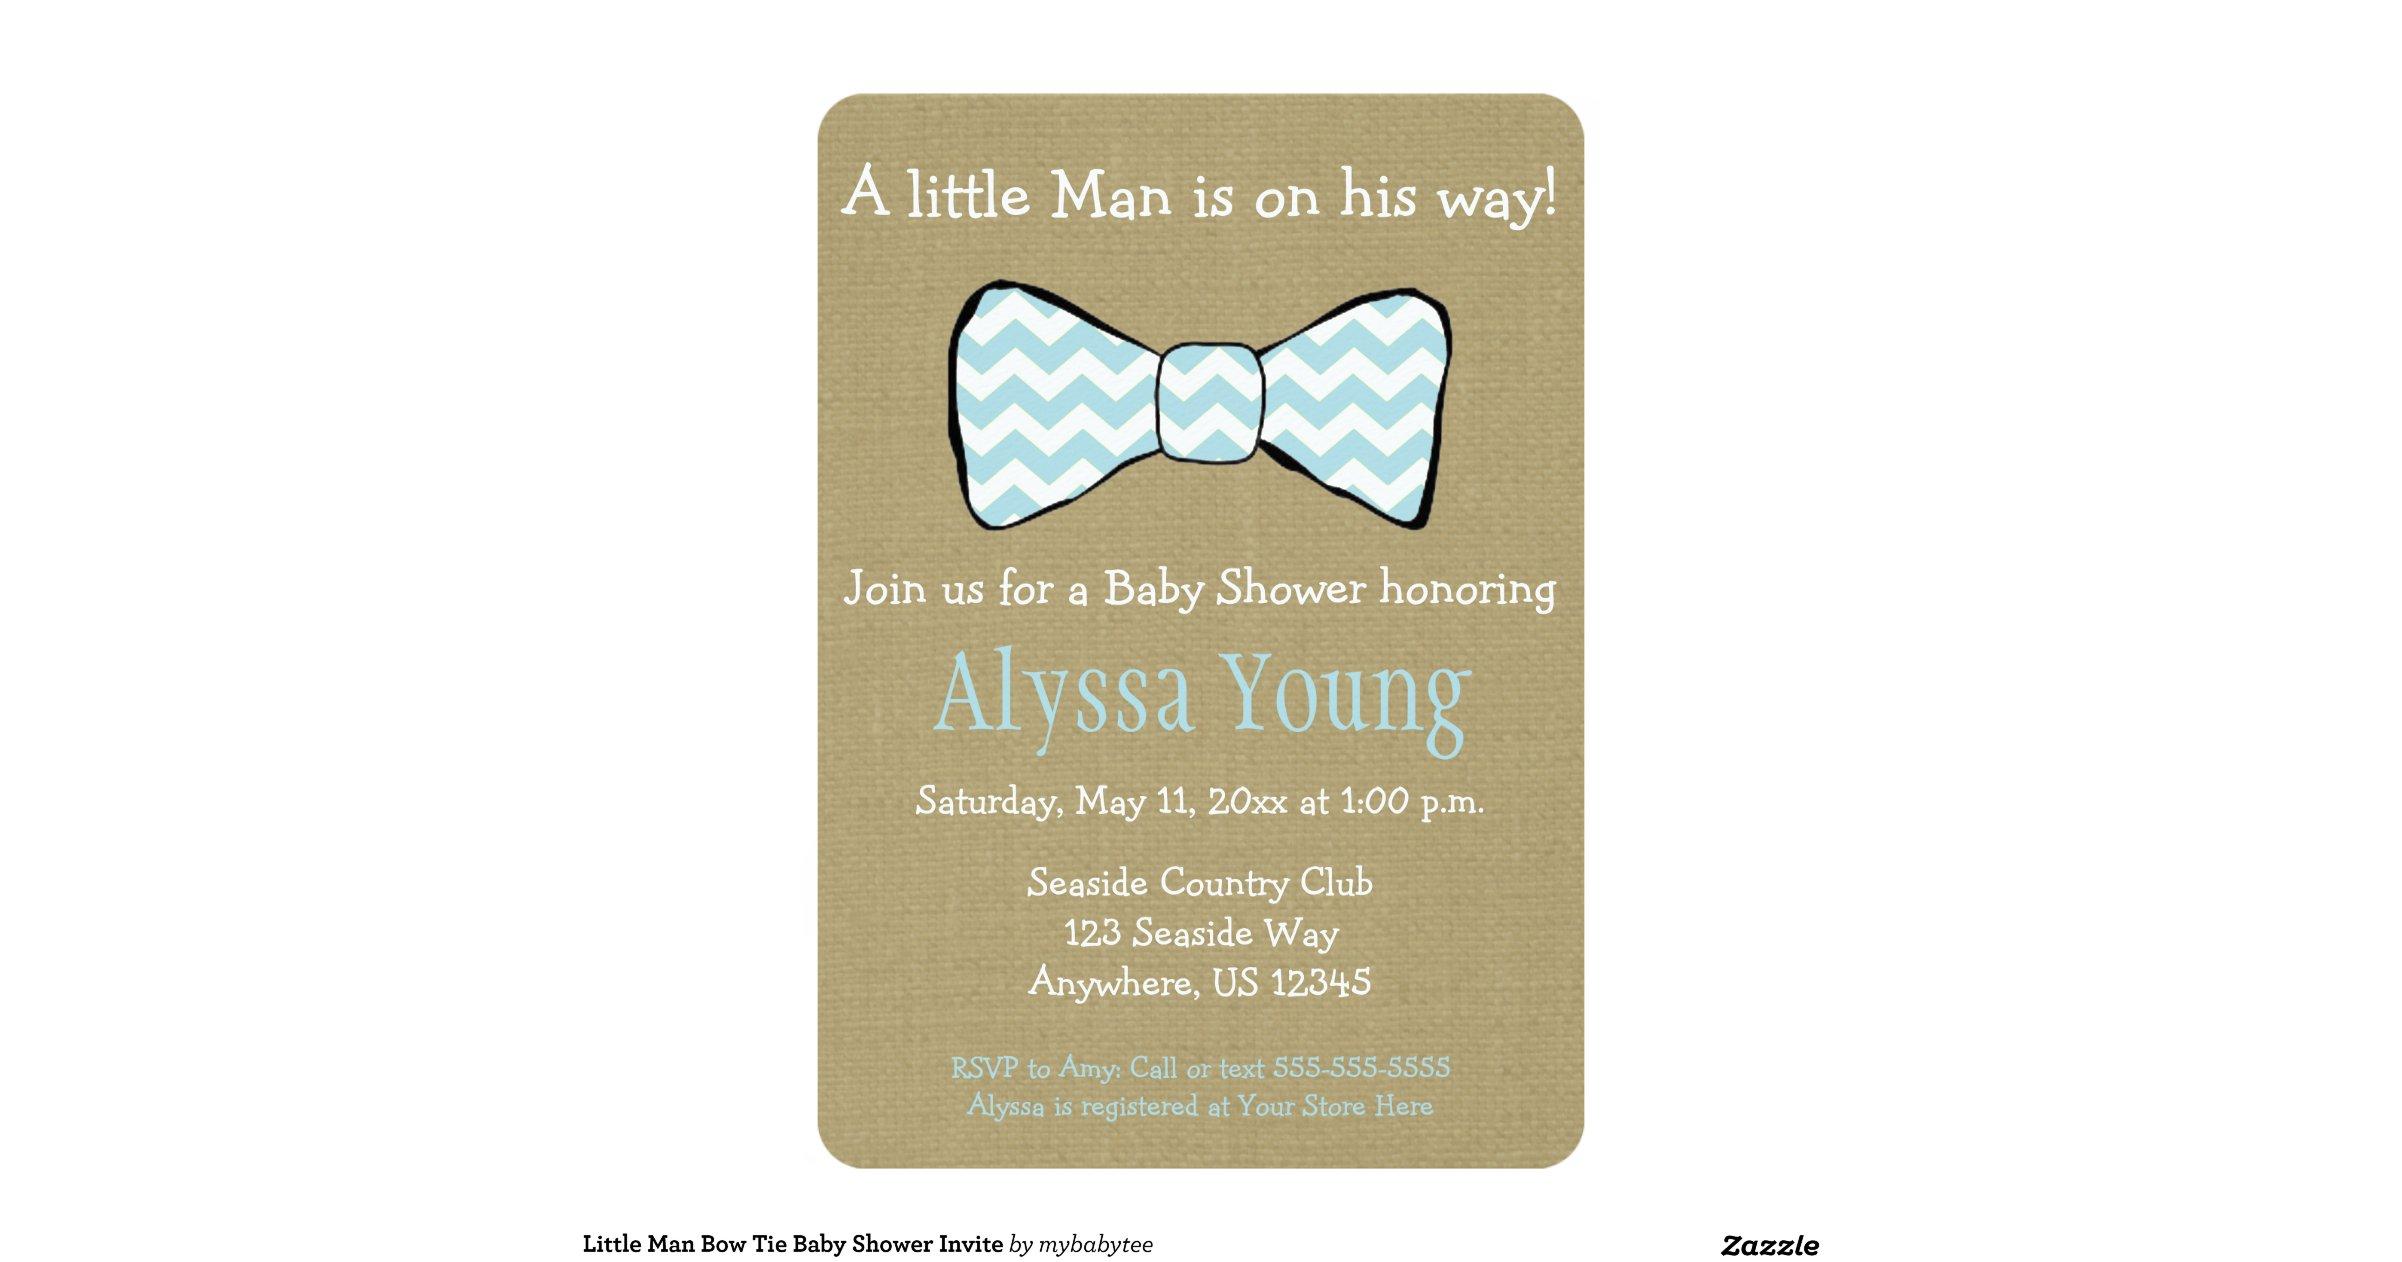 little man bow tie baby shower invite